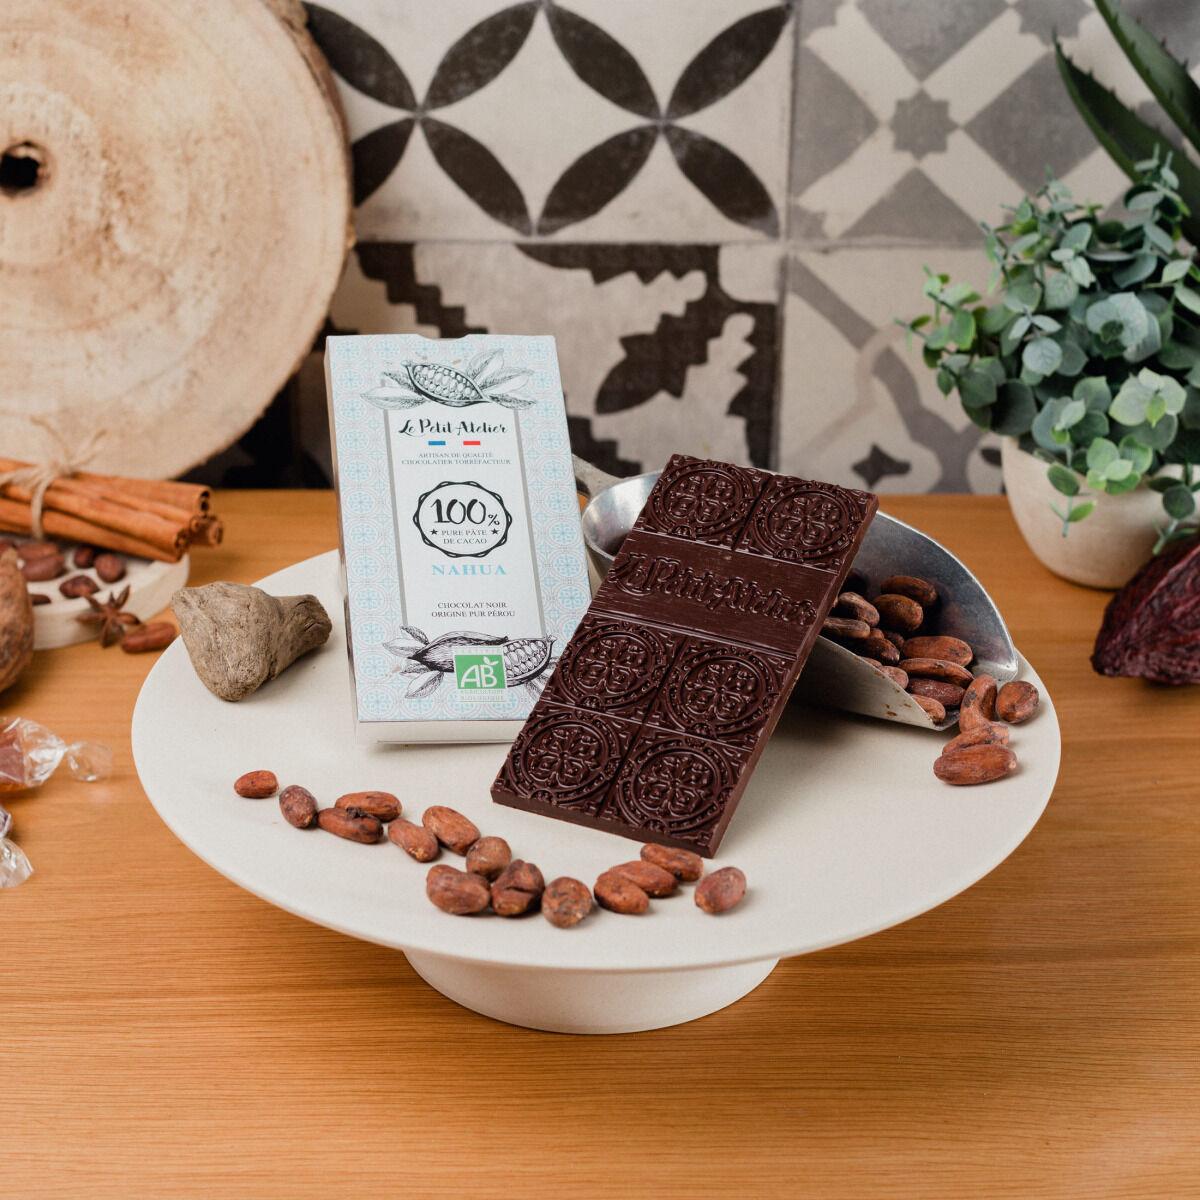 Le Petit Atelier Tablette De Chocolat Noir Bio 100% Nahua